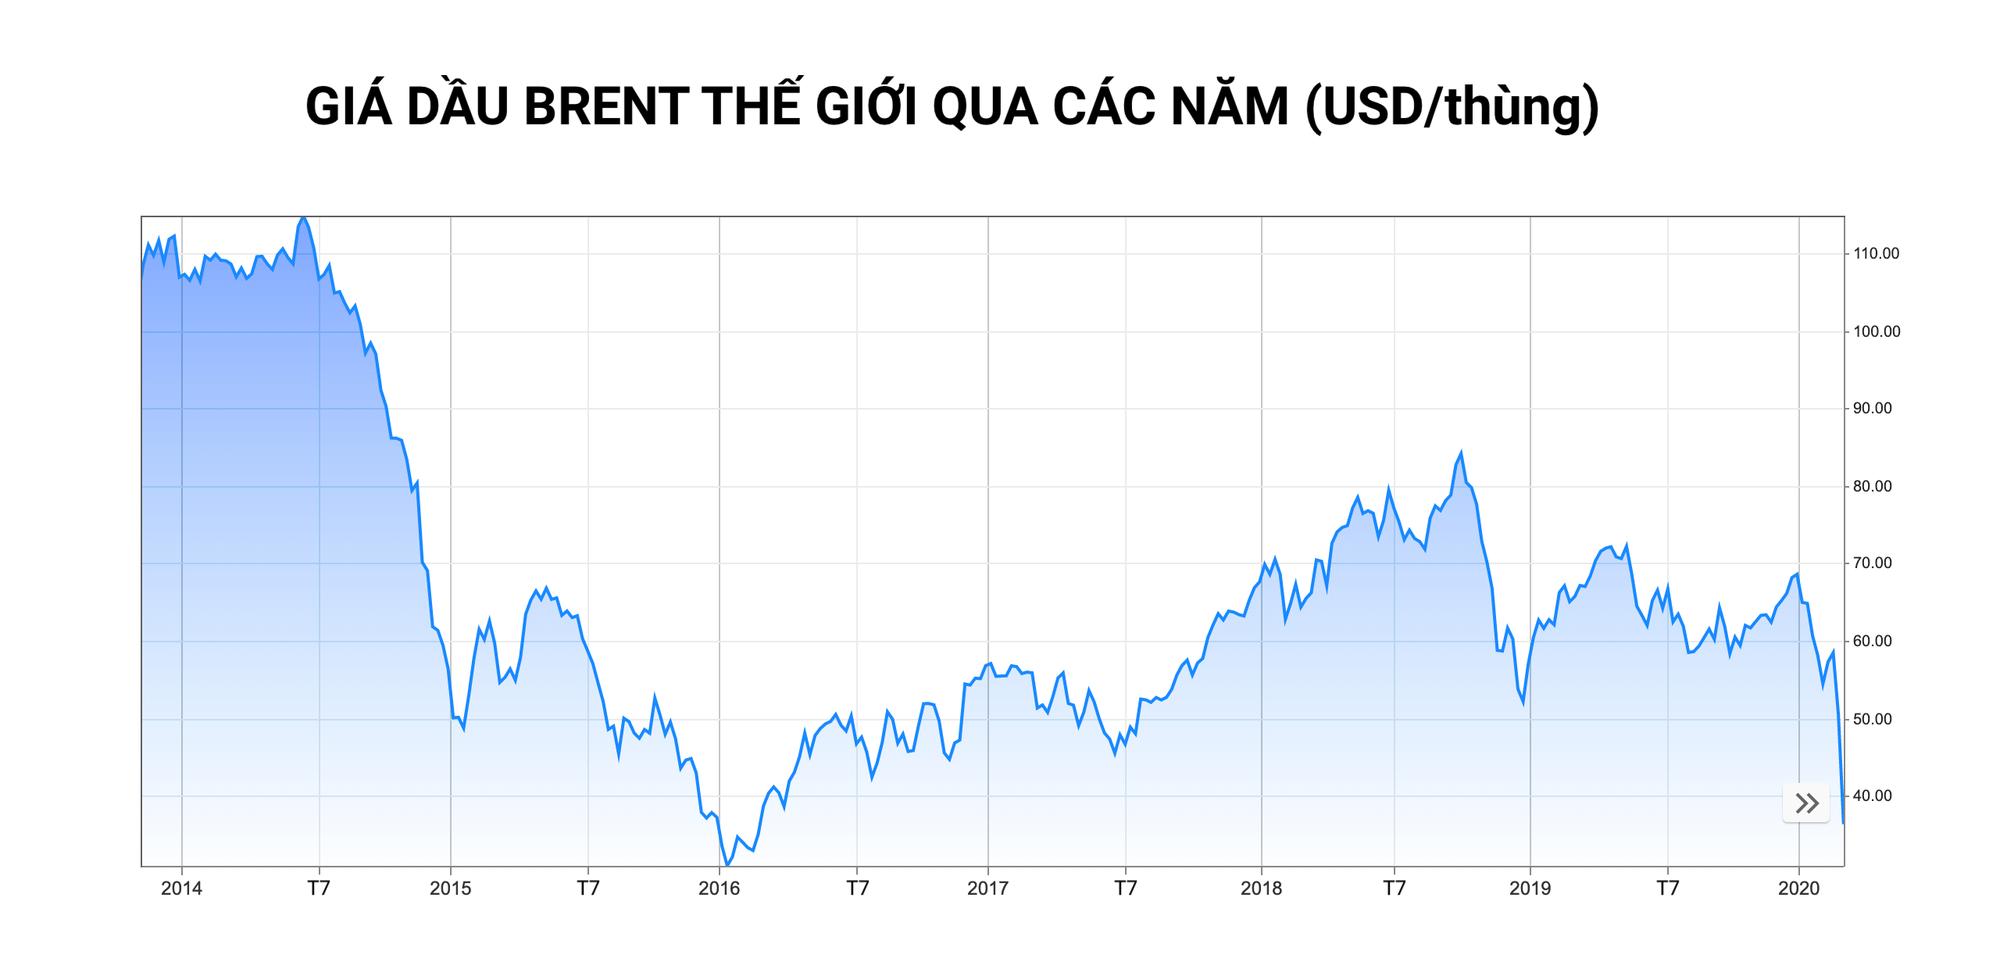 Vì sao giá dầu về thấp nhất gần 30 năm qua sau khi Nga và OPEC nói lời chia tay? - Ảnh 2.